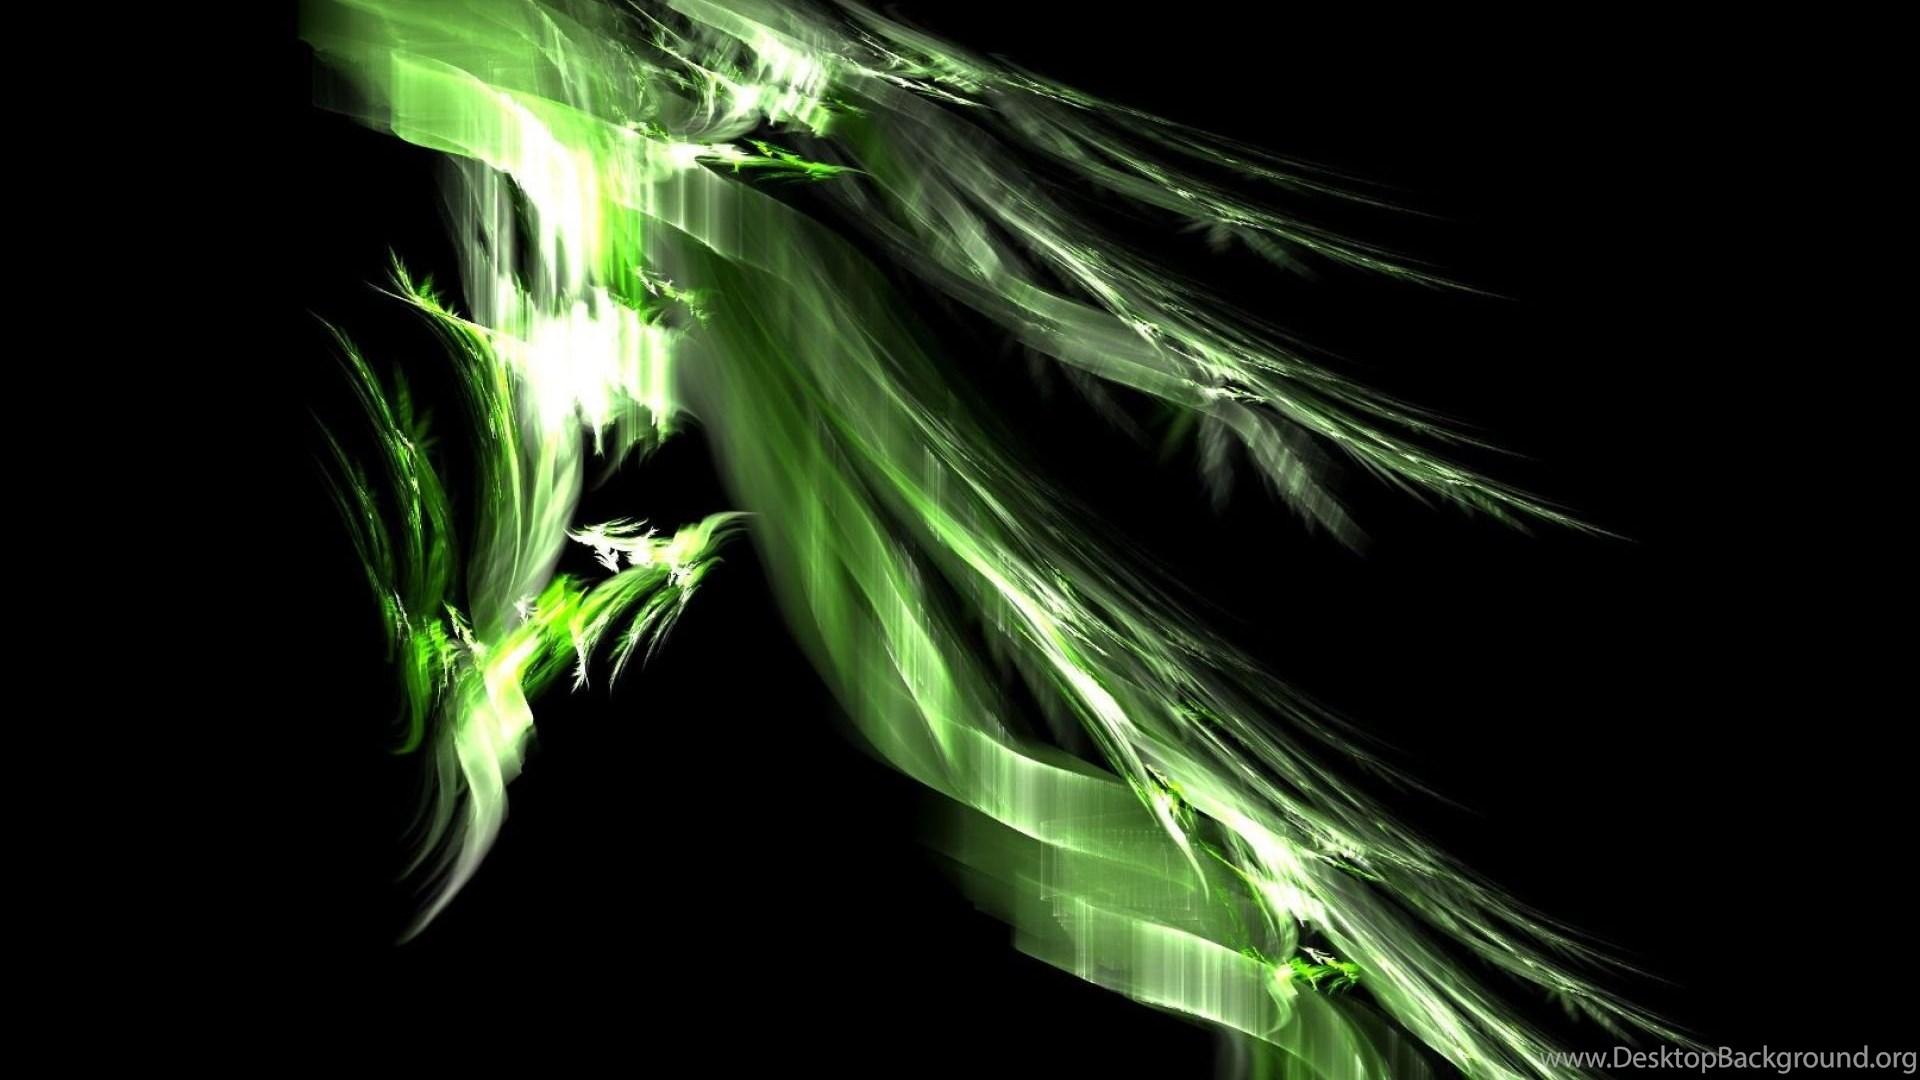 3D Art Green Dragon Wallpapers Desktop Background